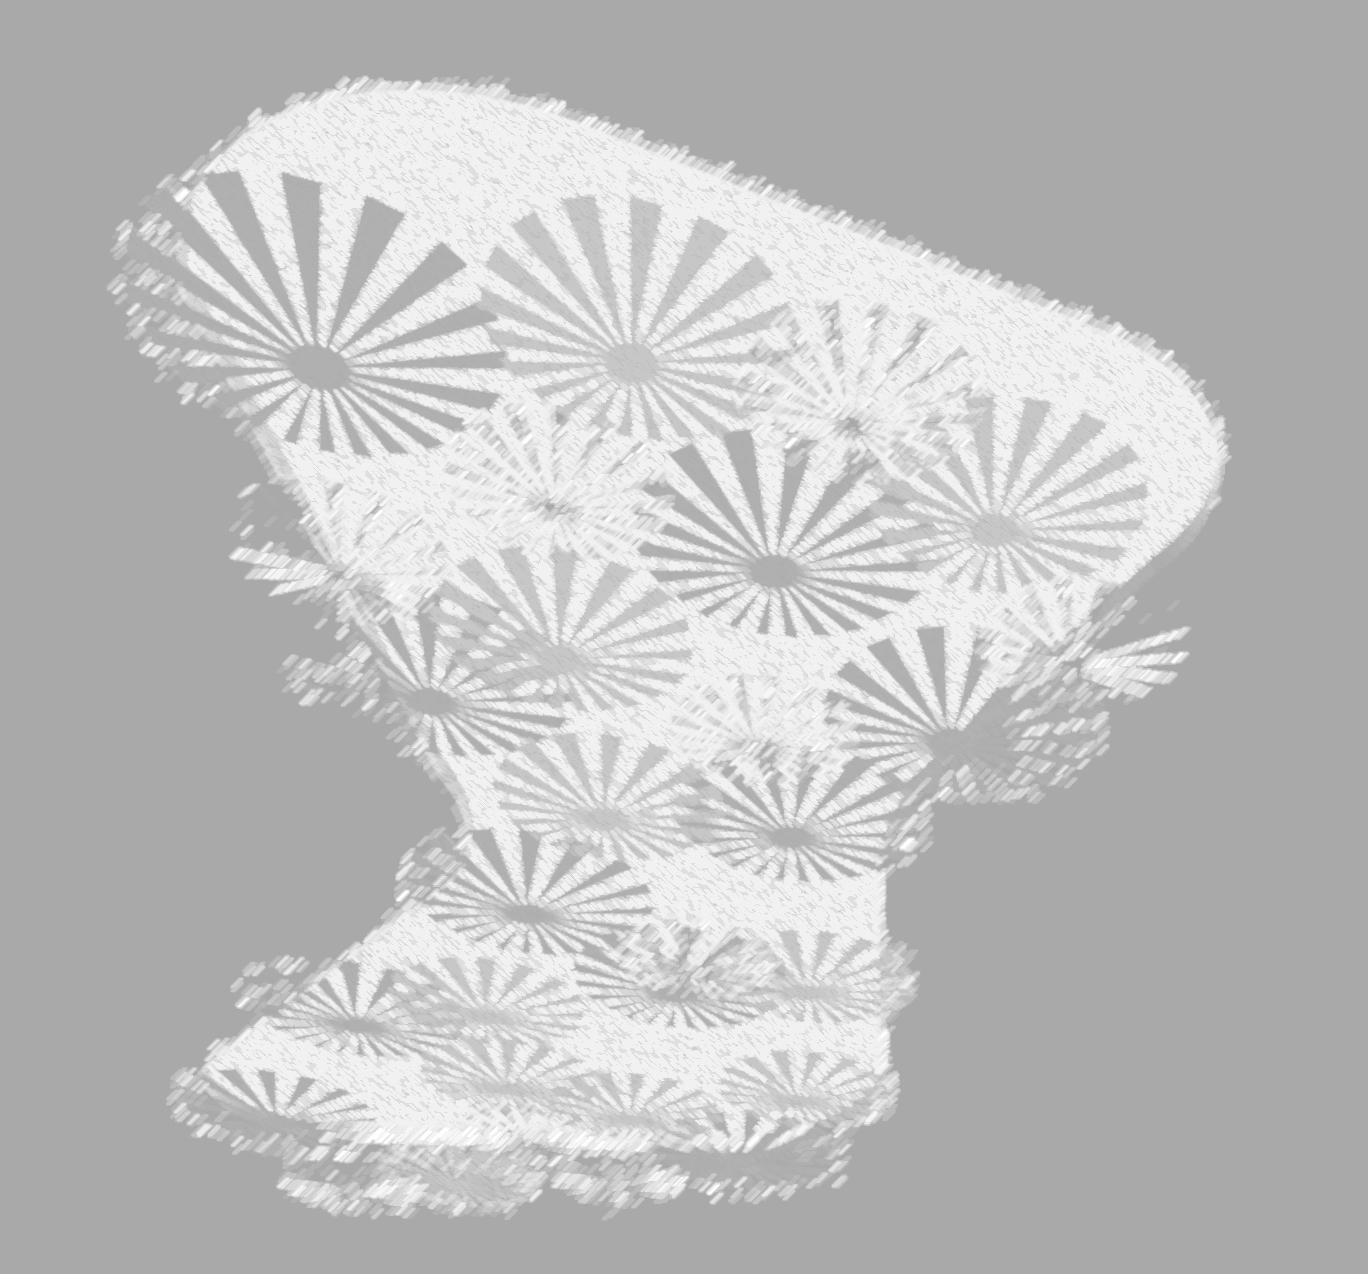 http://en.do-design.co/wp-content/uploads/2019/09/AMEBA-Sketch-1.jpg